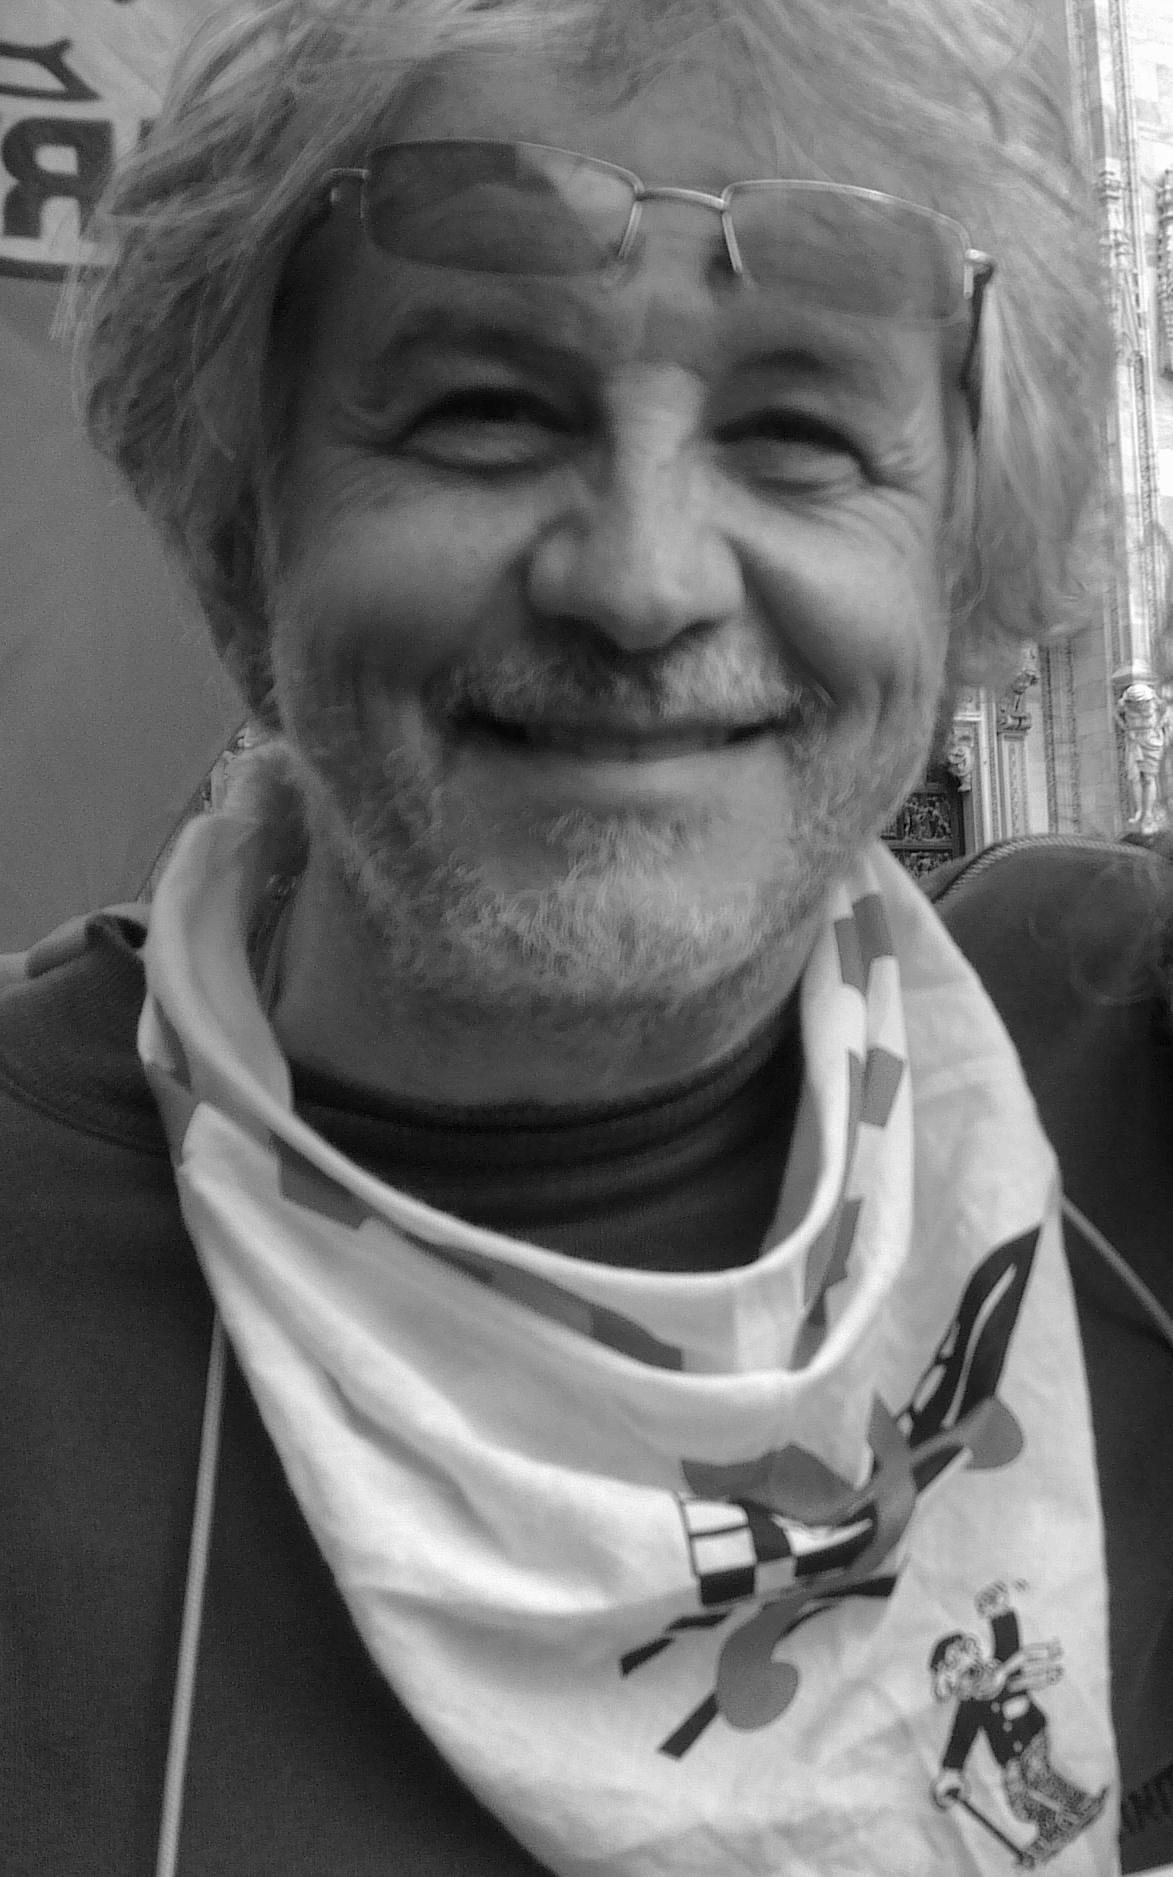 Luigi Pietro Marchitelli